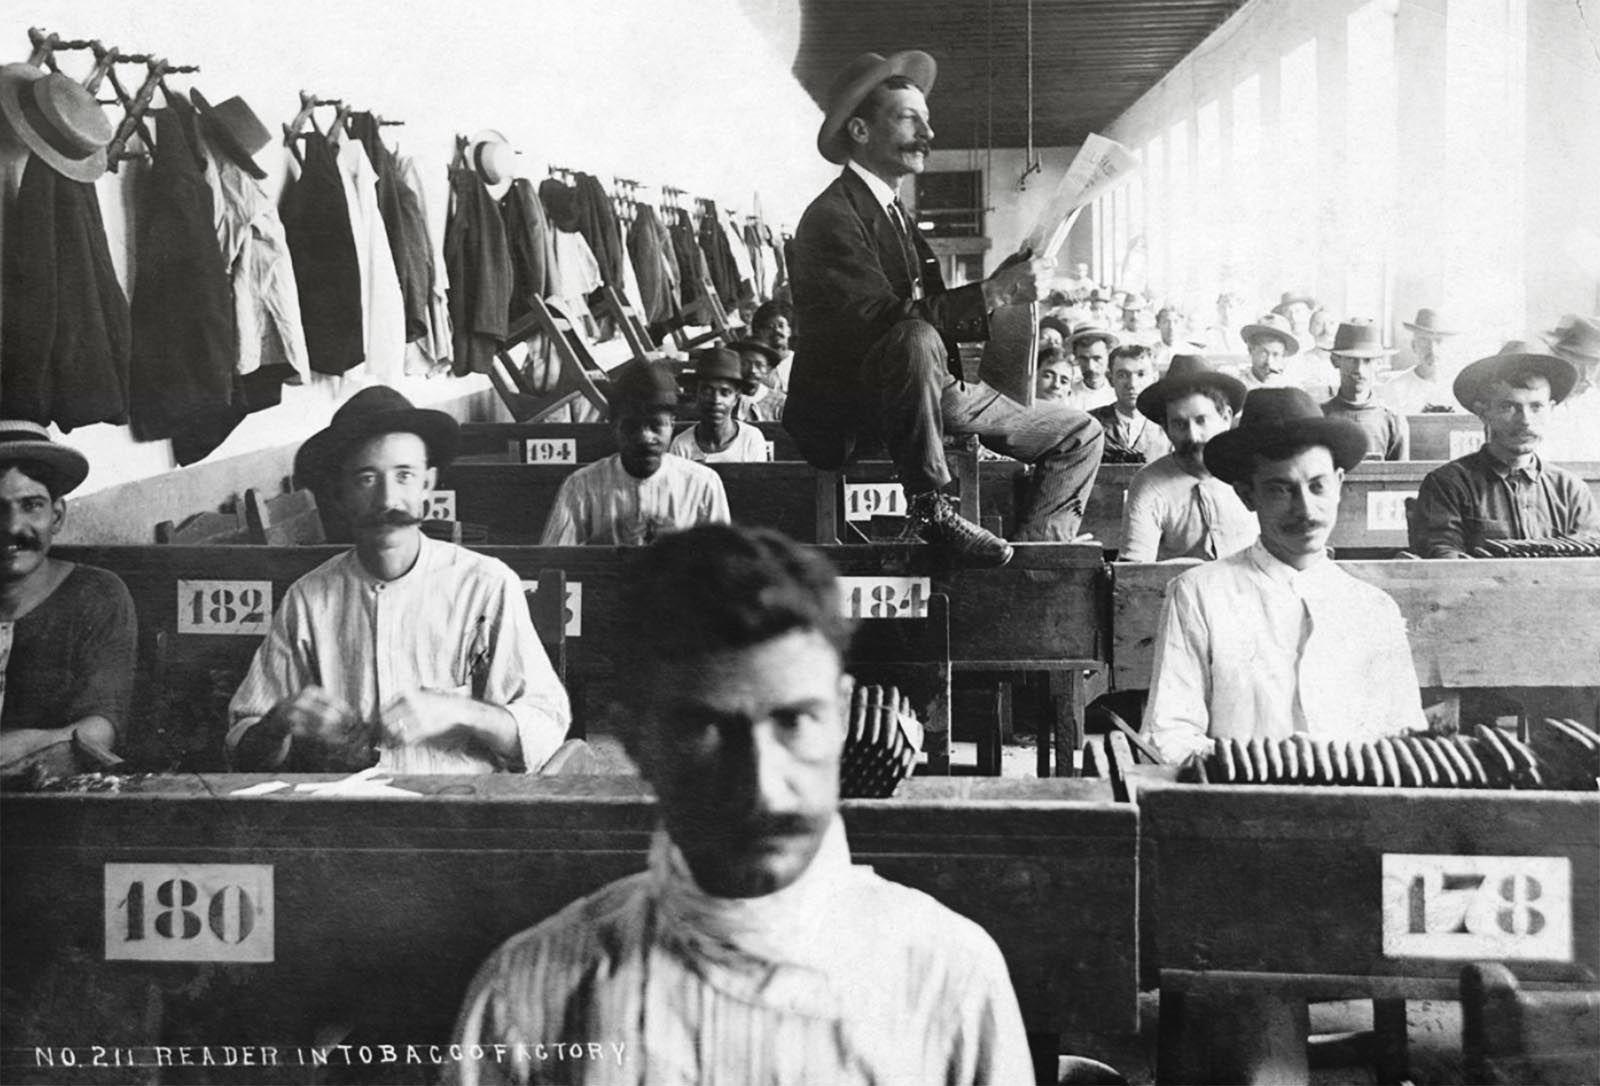 Nei primi giorni del lettore, molti dipendenti nelle fabbriche di sigari, sia maschi che femmine, erano analfabeti. C'era una grande sete di conoscenza. I lettori leggevano romanzi determinat…